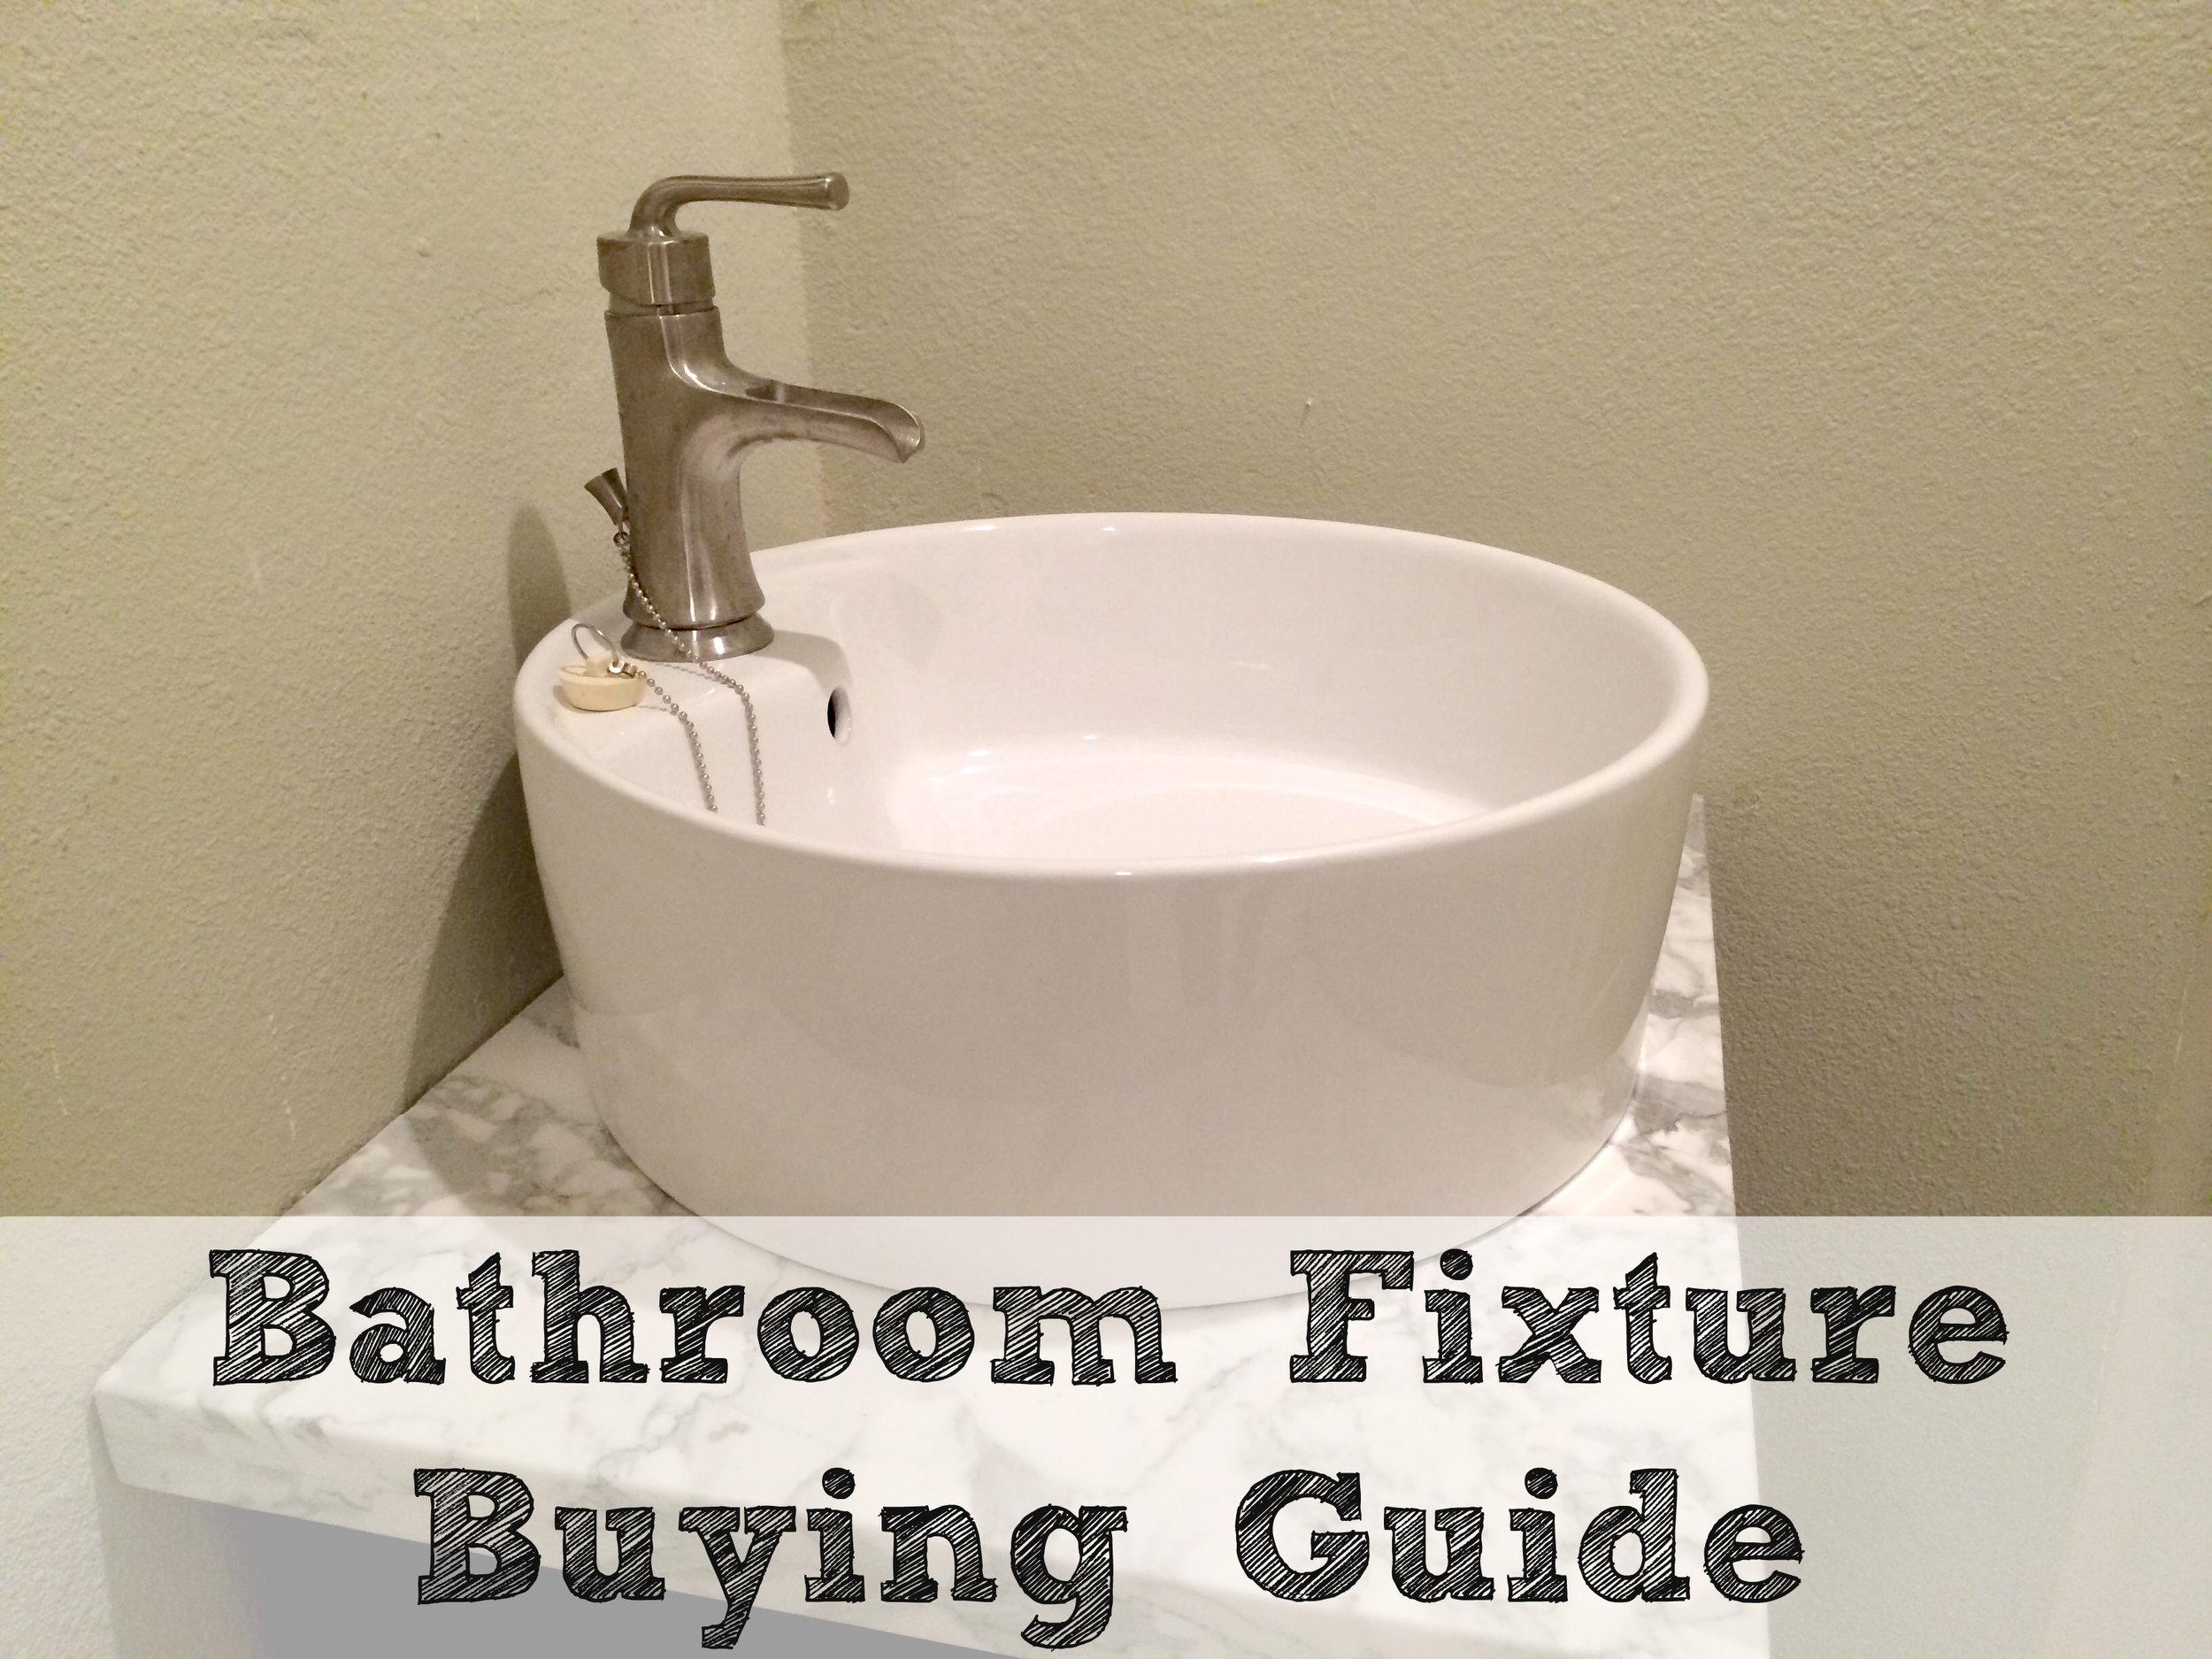 Bathroom Fixture Buying Guide